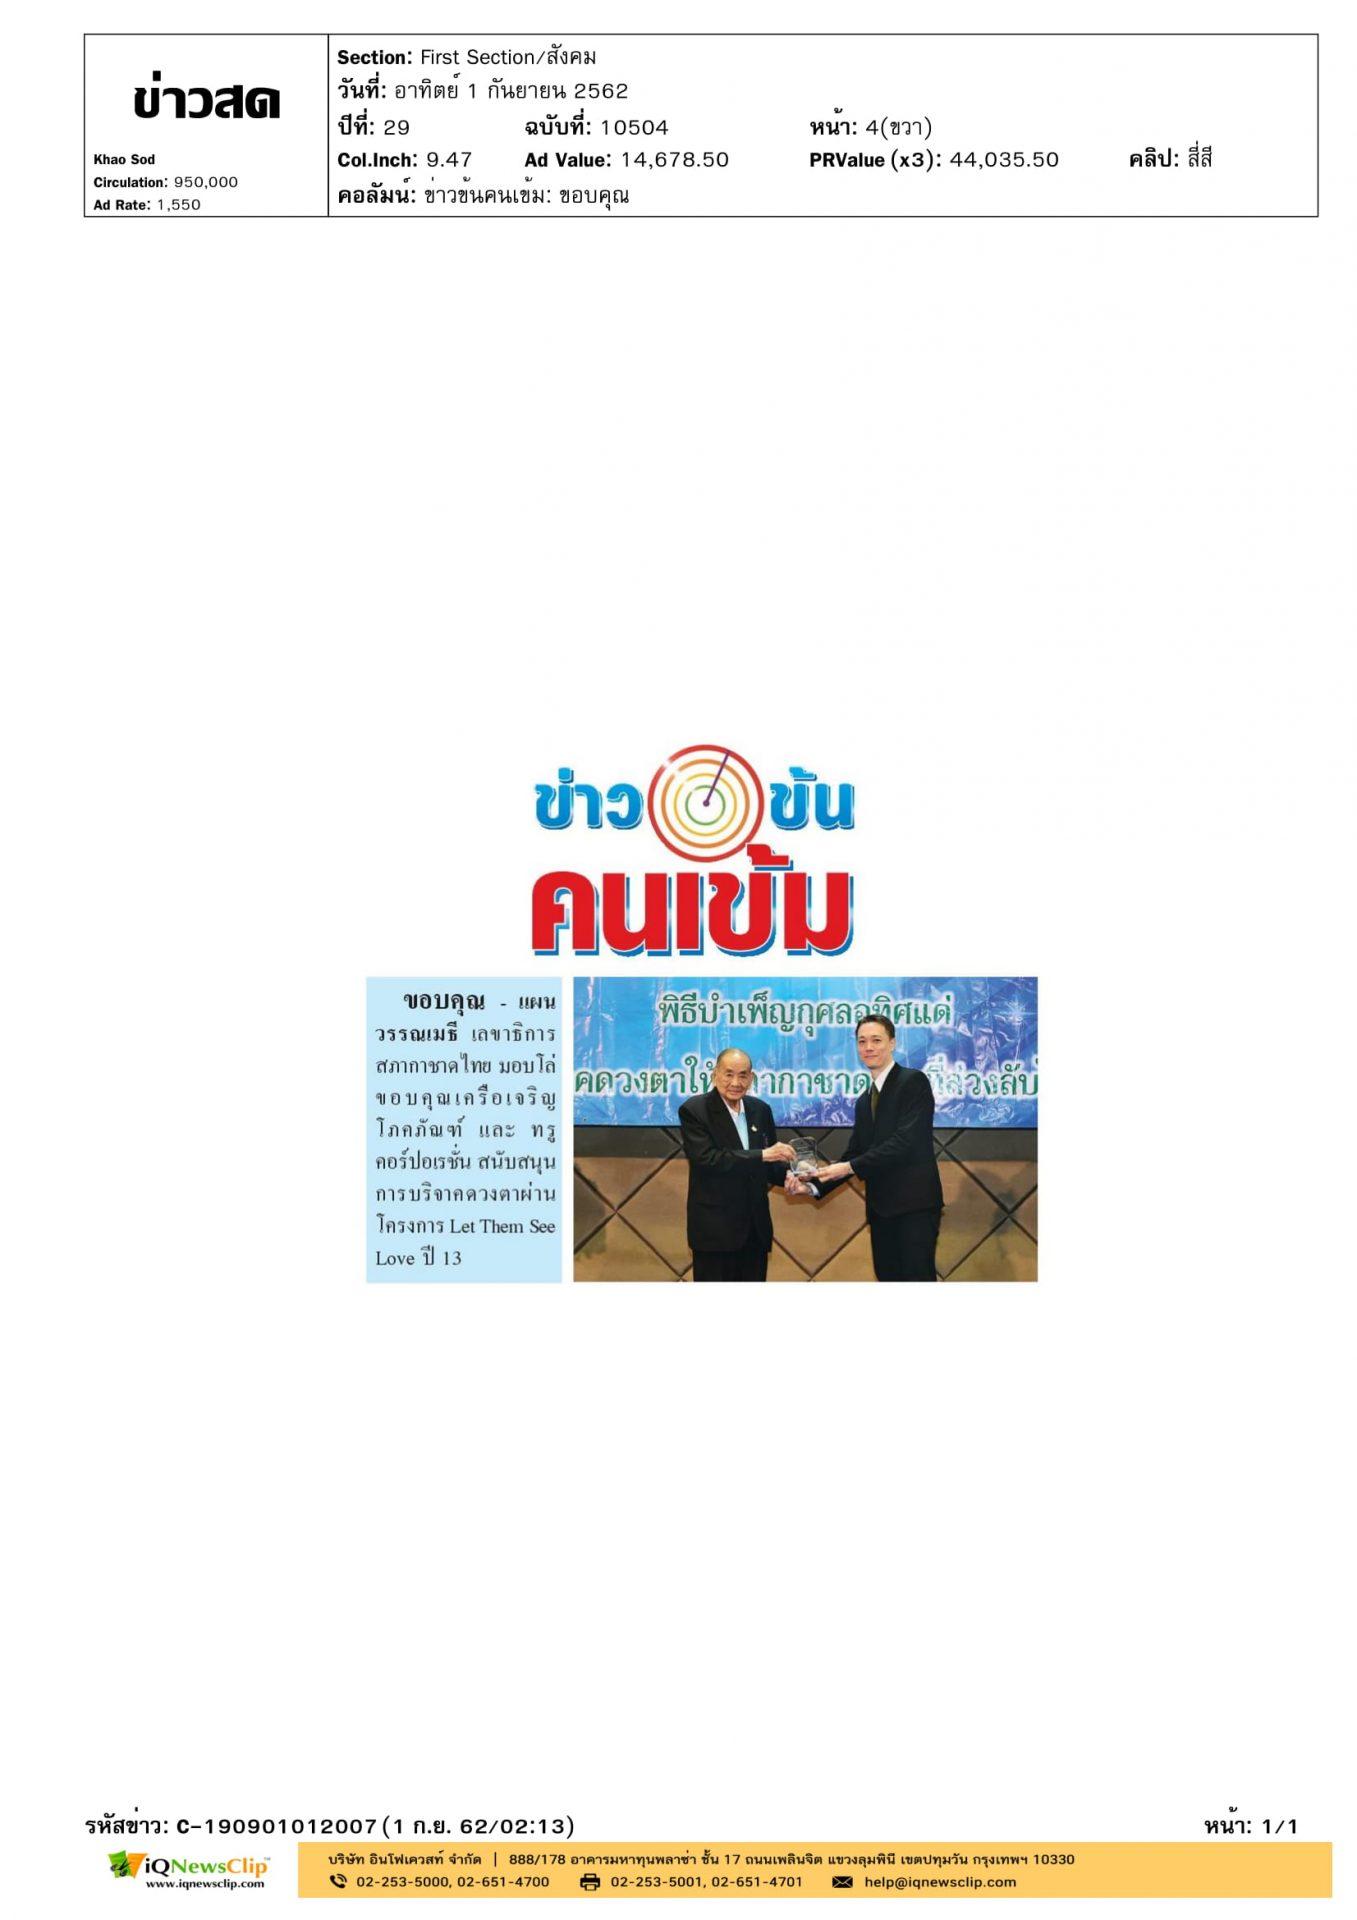 งานวันศูนย์ดวงตา สภากาชาดไทย ครบรอบ 54 ปี